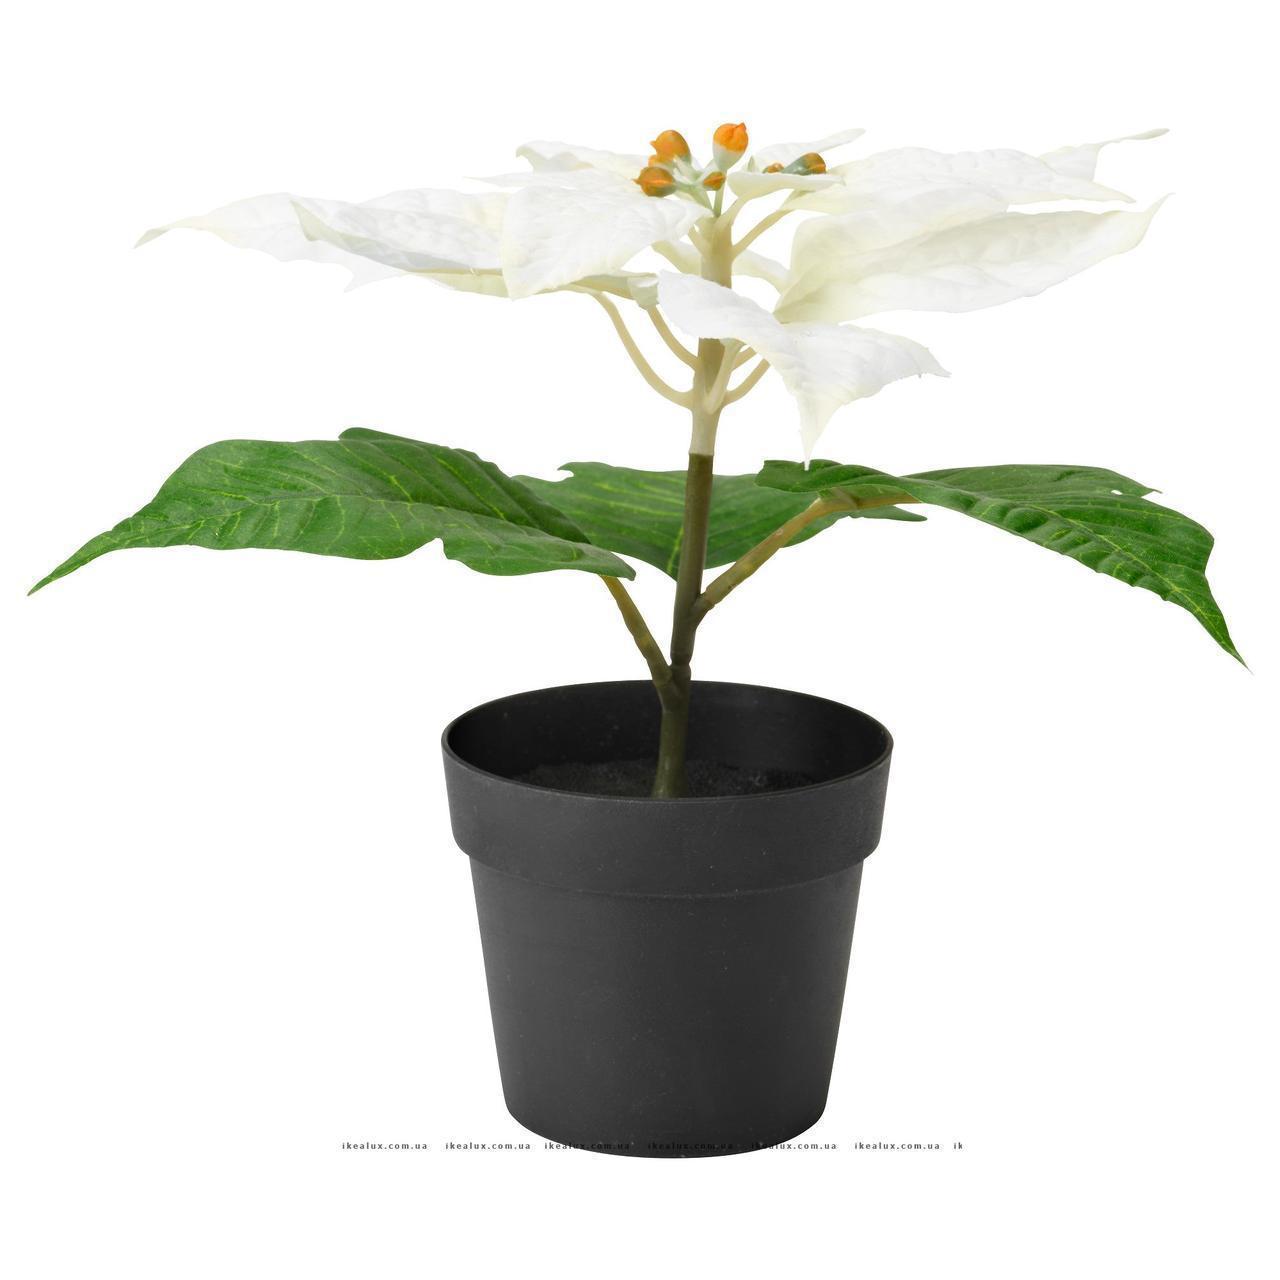 """ФЕЙКА Искусственное растение в горшке, """"Рождественская звезда"""" белый, 90320969, ИКЕА IKEA, FEJKA"""